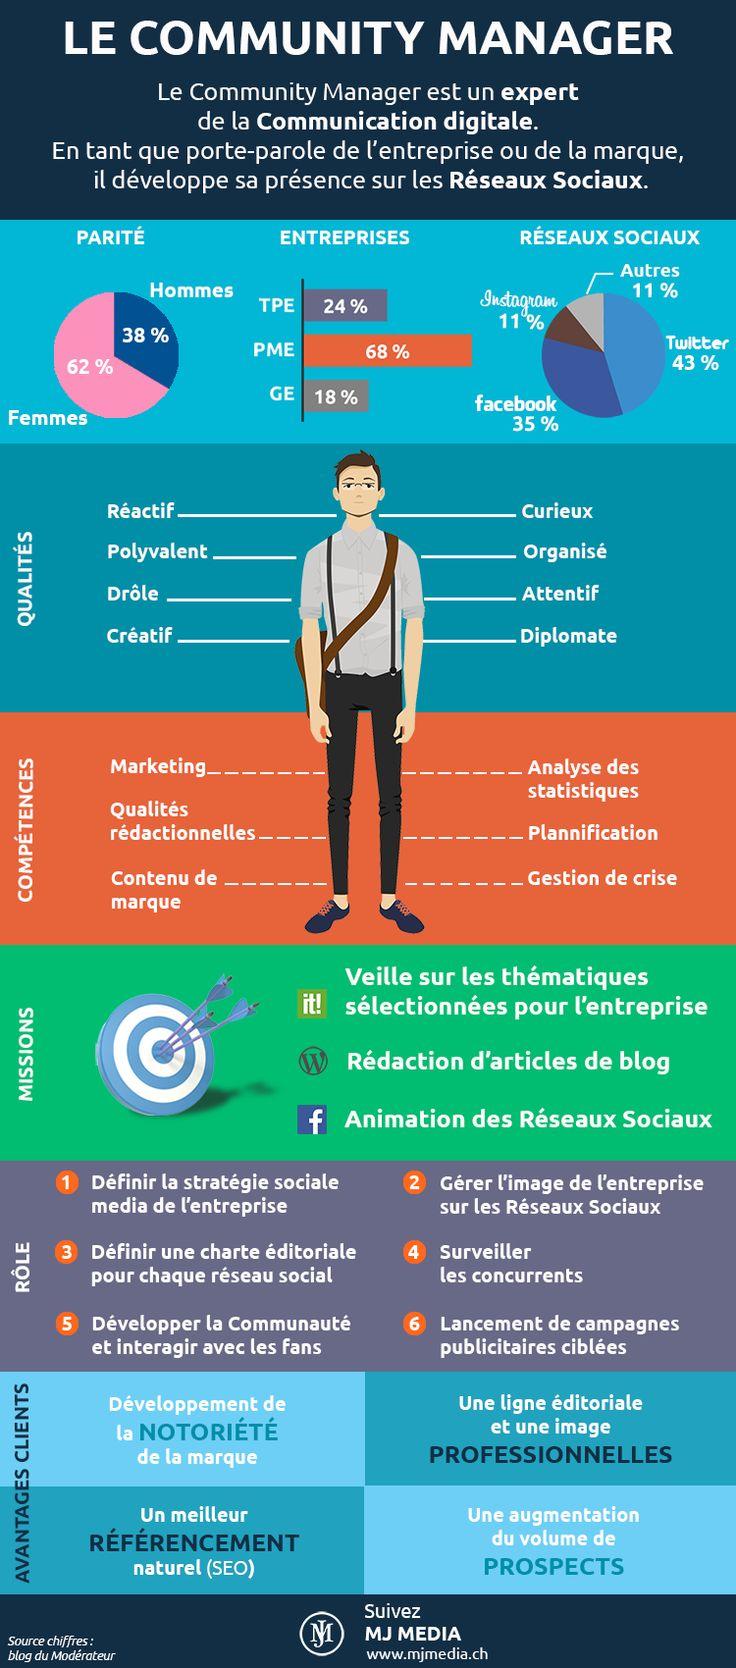 Le profil du Community Manager [infographie] | Info Magazine